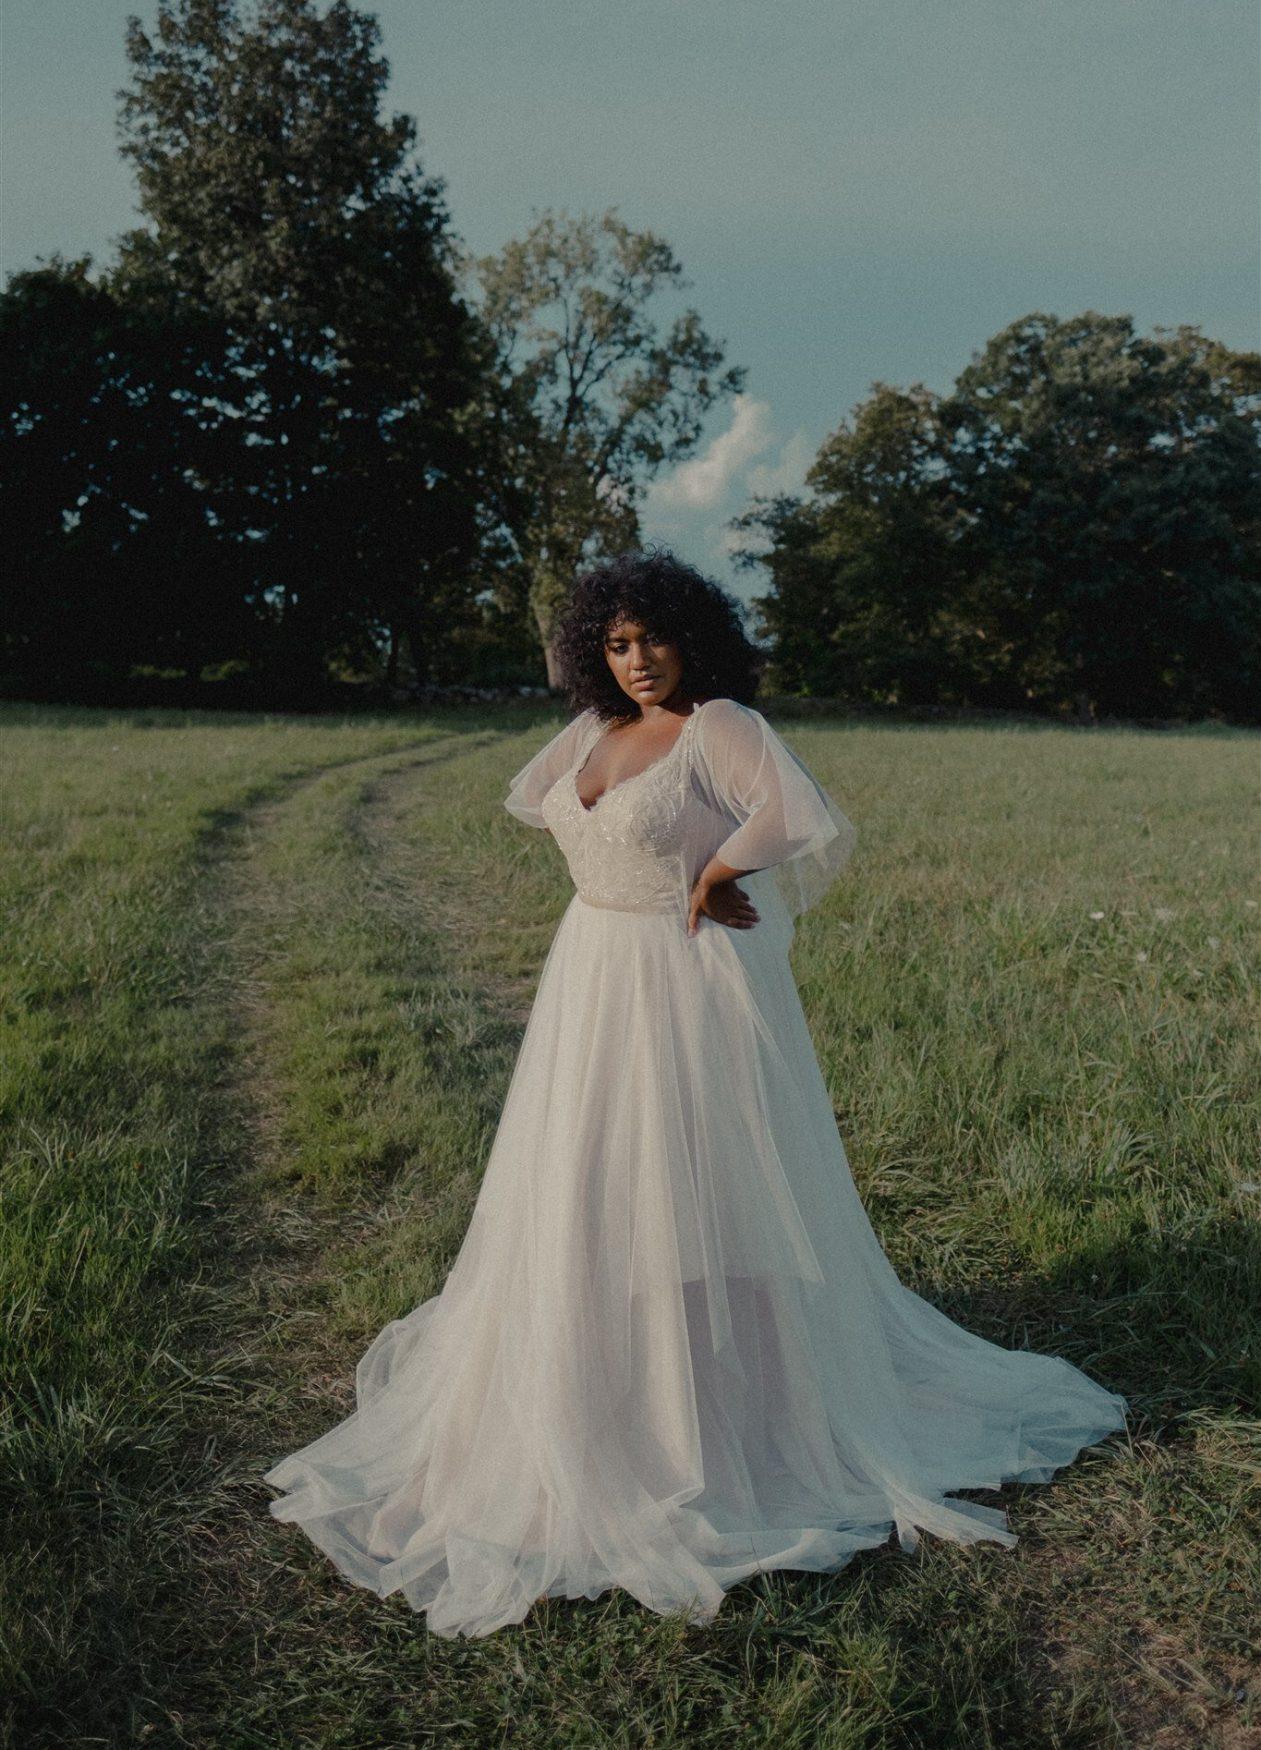 Women standing in field in white wedding dress